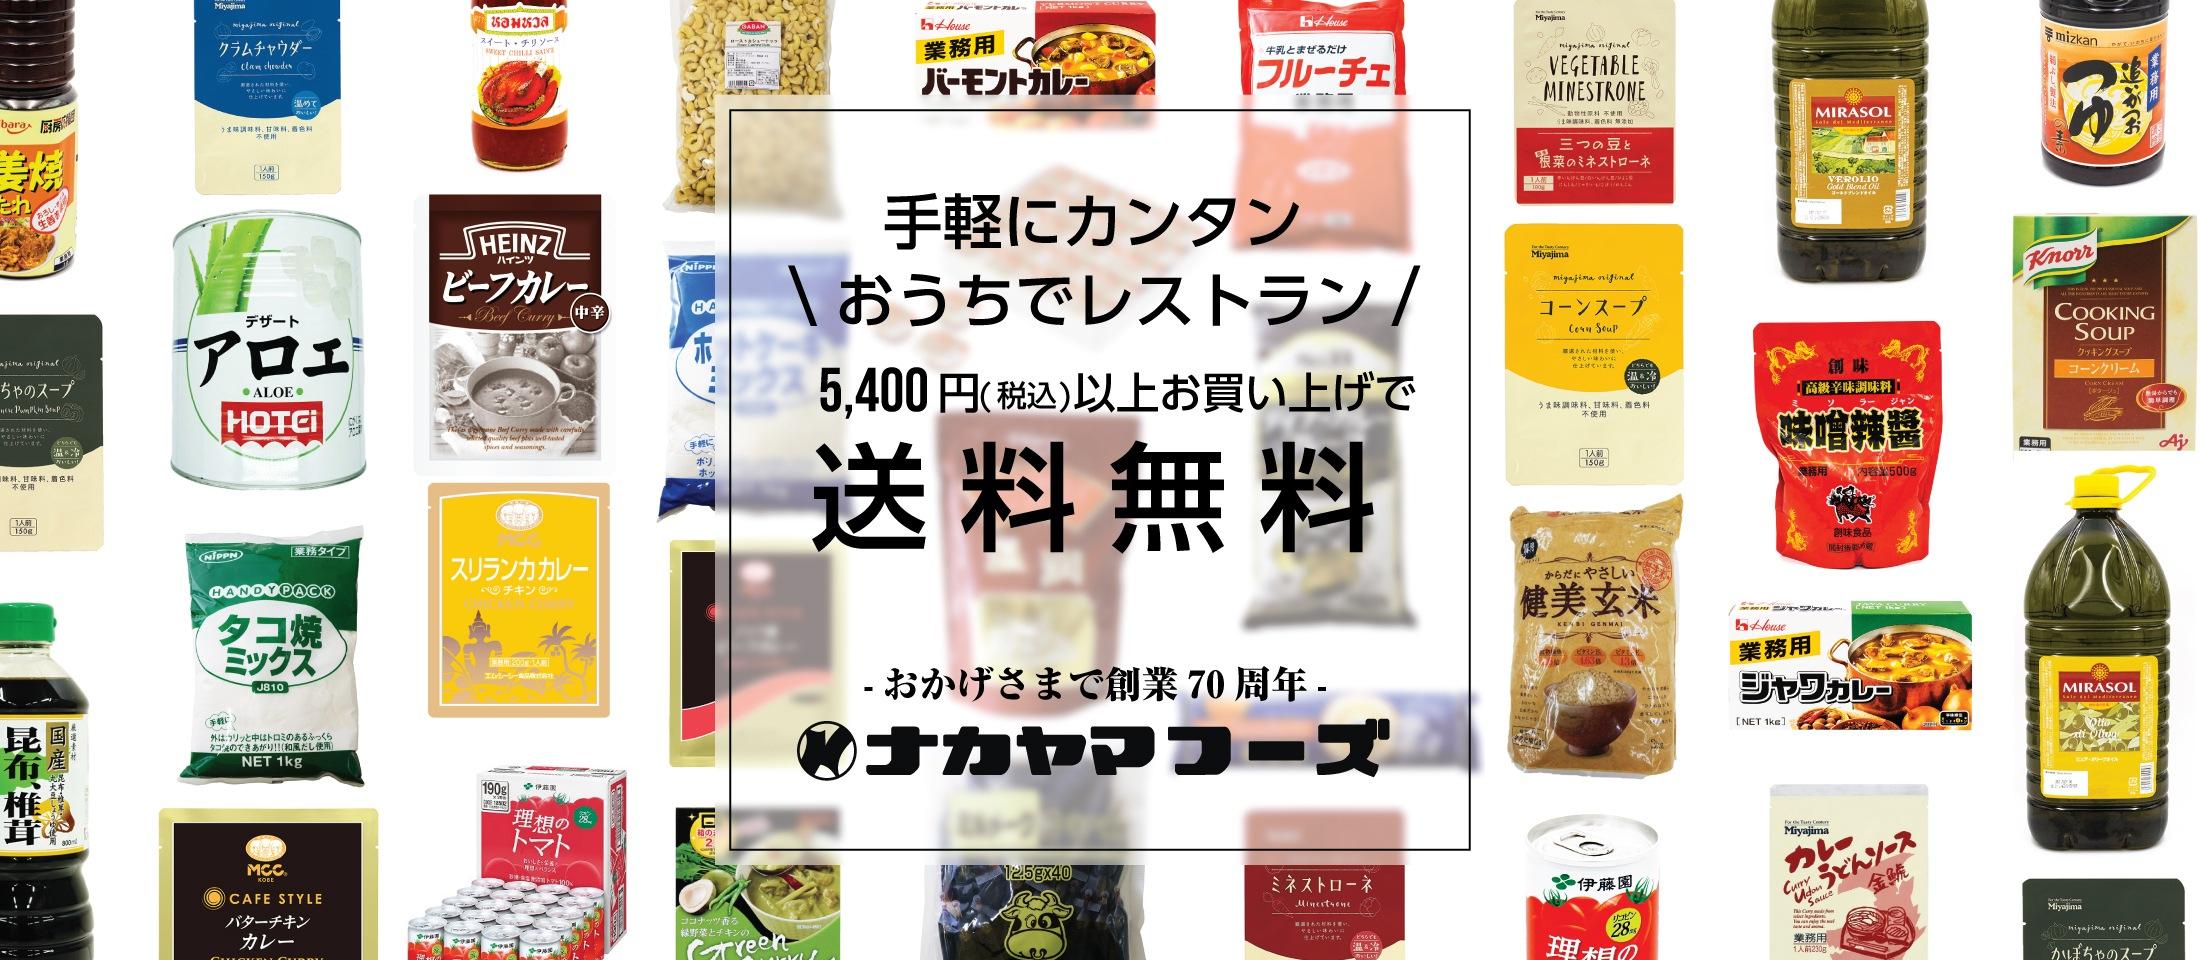 ナカヤマフーズ 食品・冷凍食品・業務用食品の通販 |ナカヤマフーズ